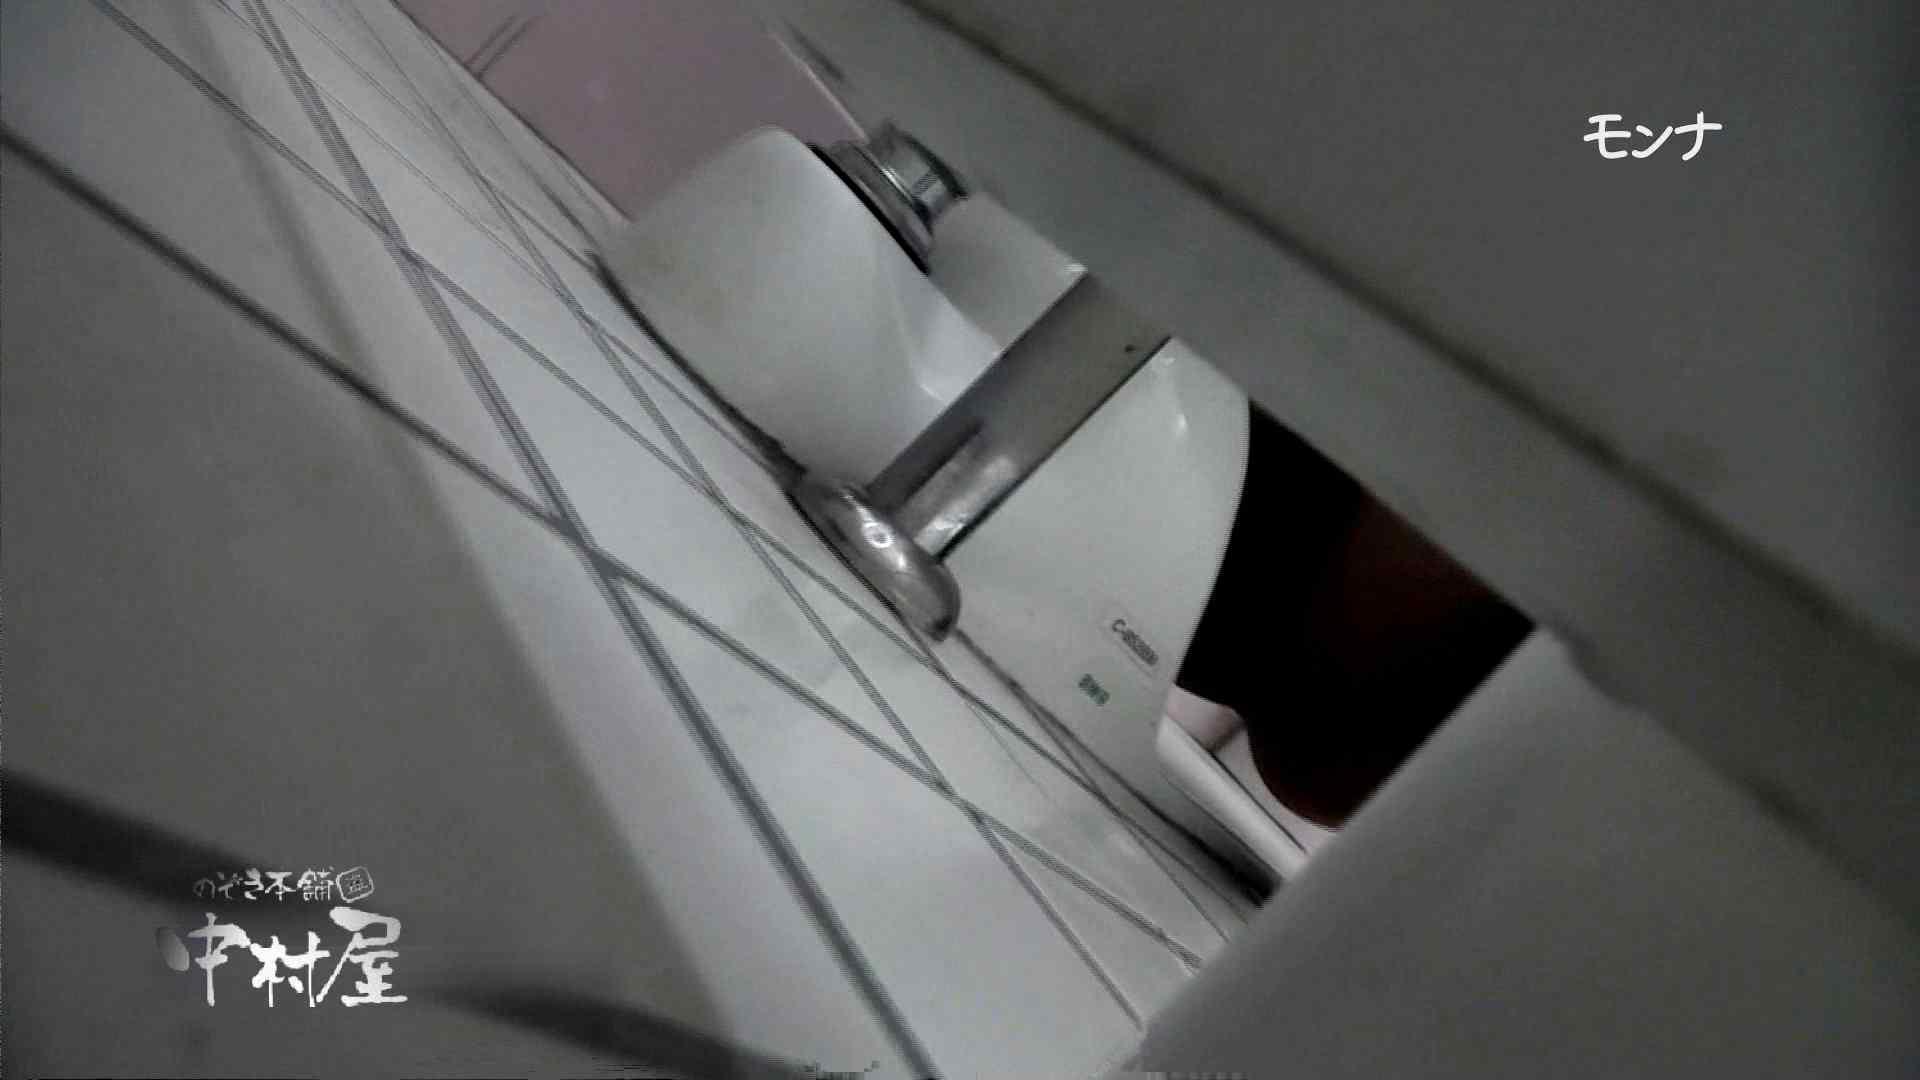 【美しい日本の未来】新学期!!下半身中心に攻めてます美女可愛い女子悪戯盗satuトイレ後編 美女 隠し撮りオマンコ動画紹介 82連発 2